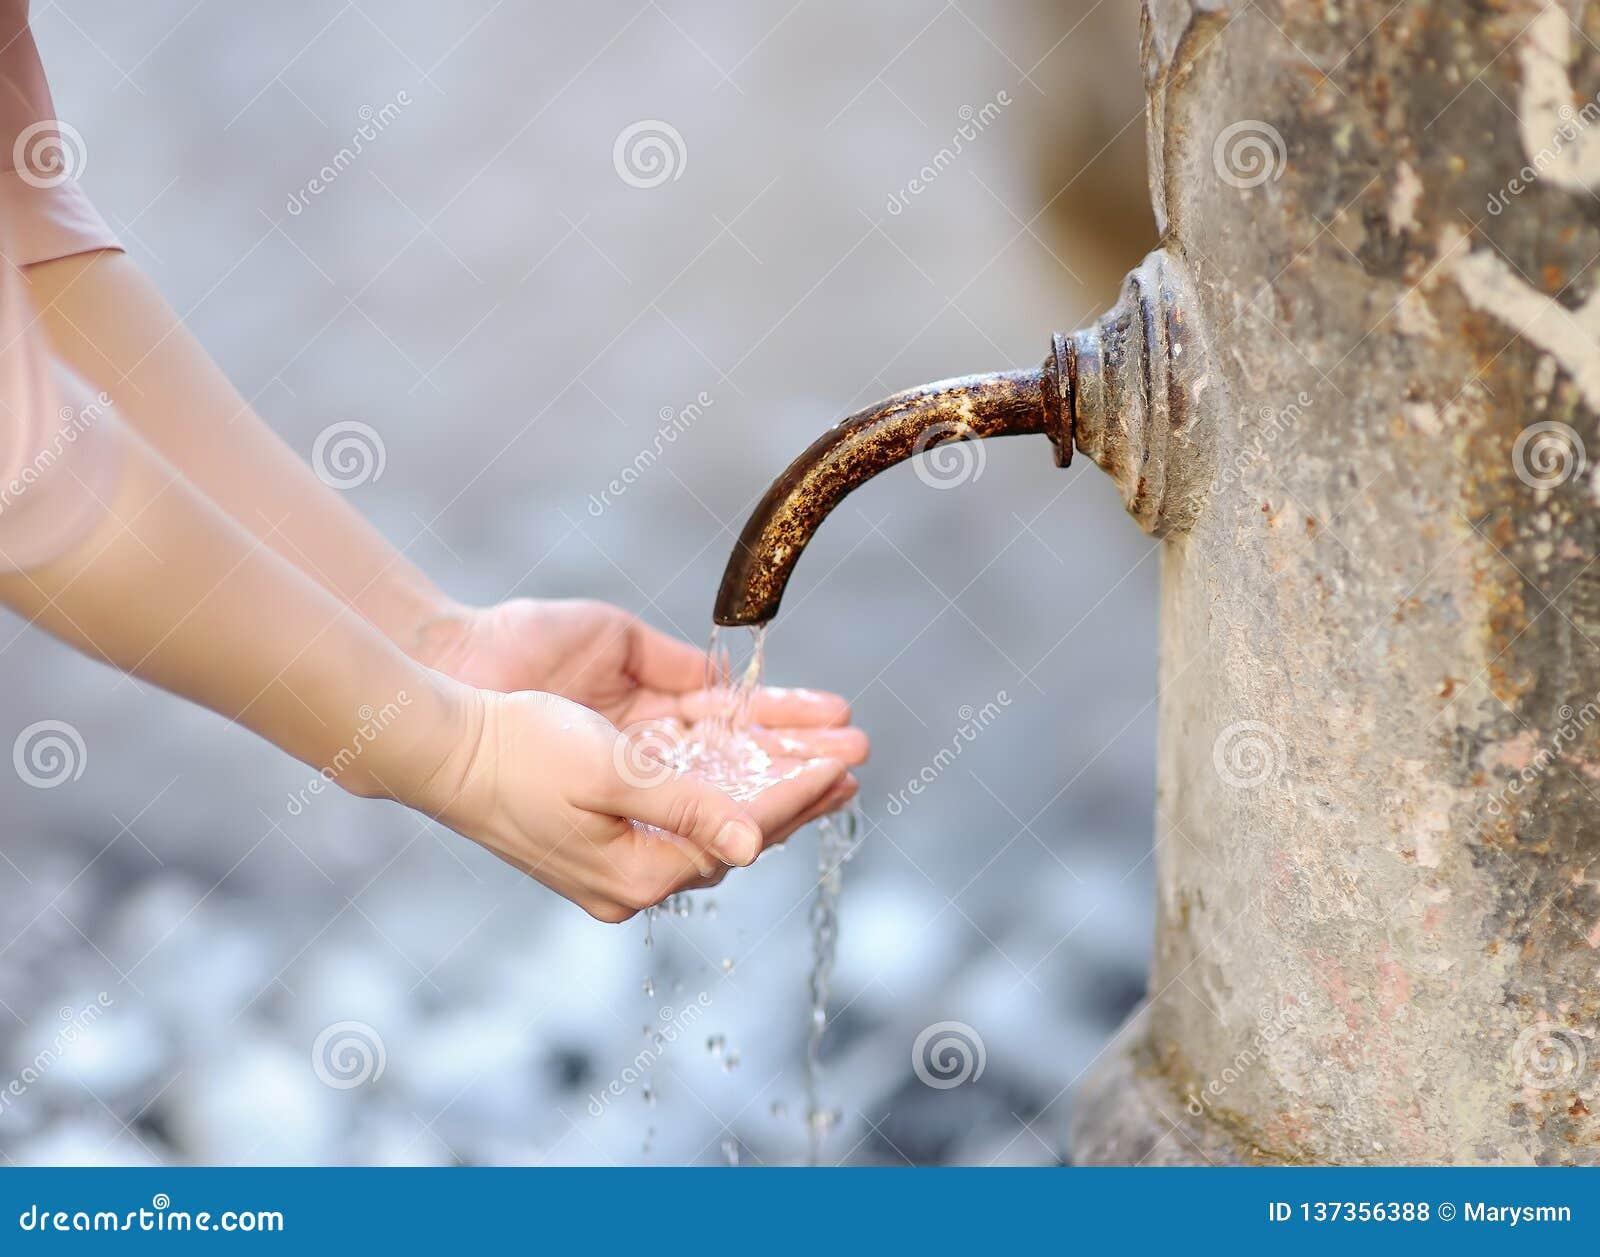 Фото крупного плана рук женщины моя в фонтане города